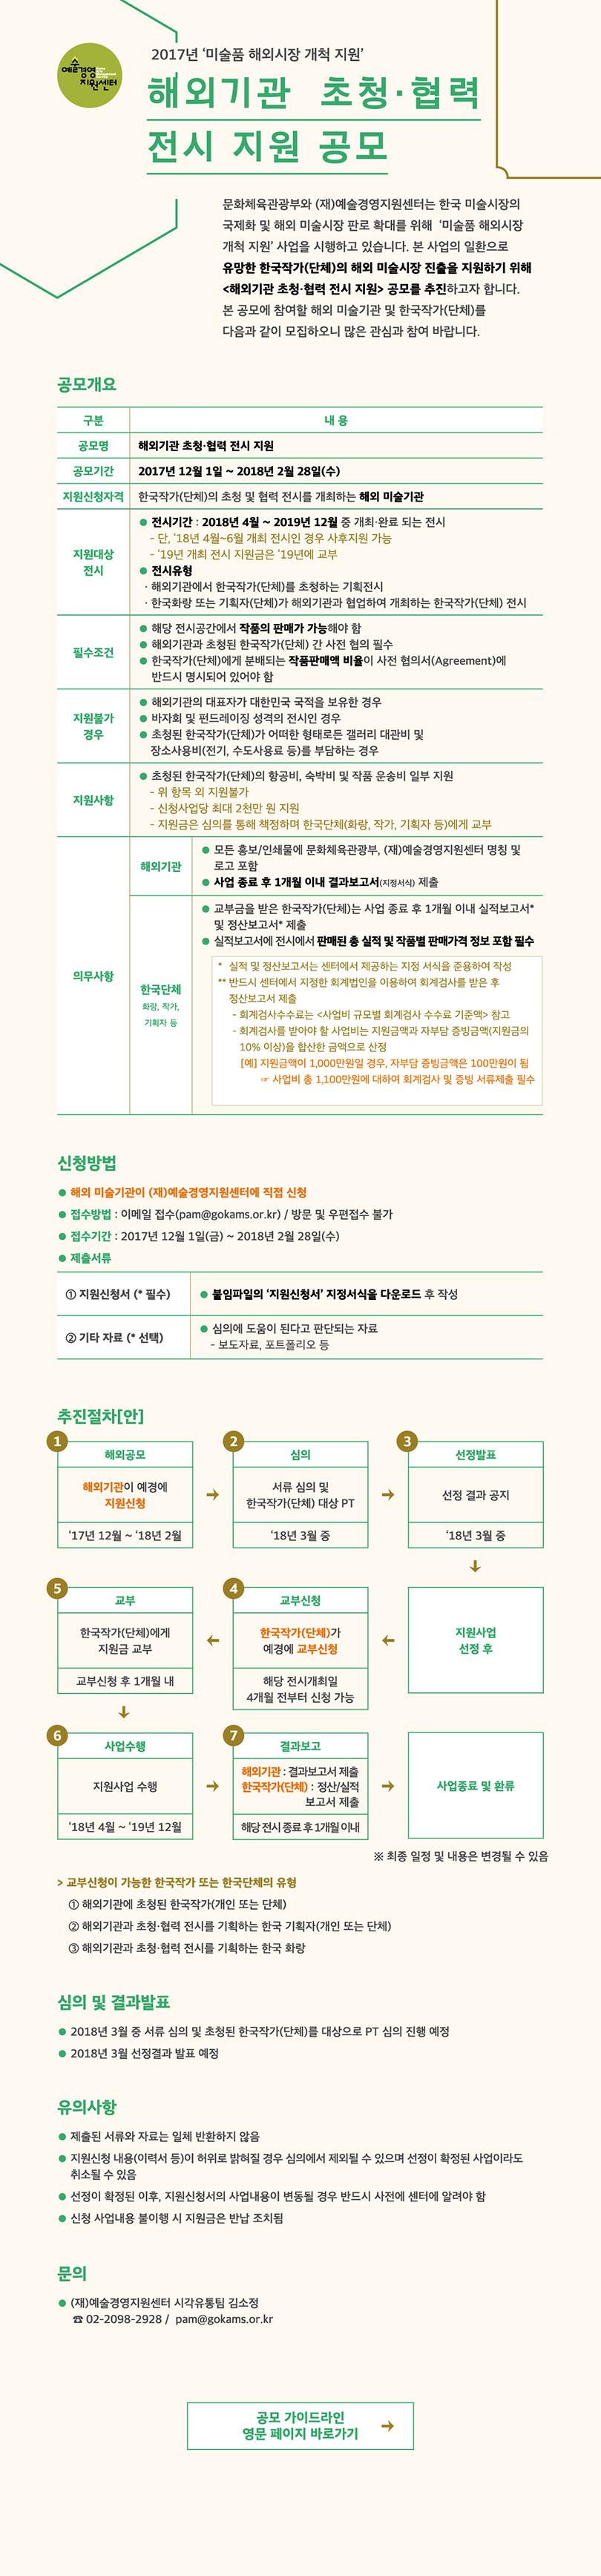 미술품 해외시장 개척 지원 <해외기관 초청·협력 전시 지원> 공모